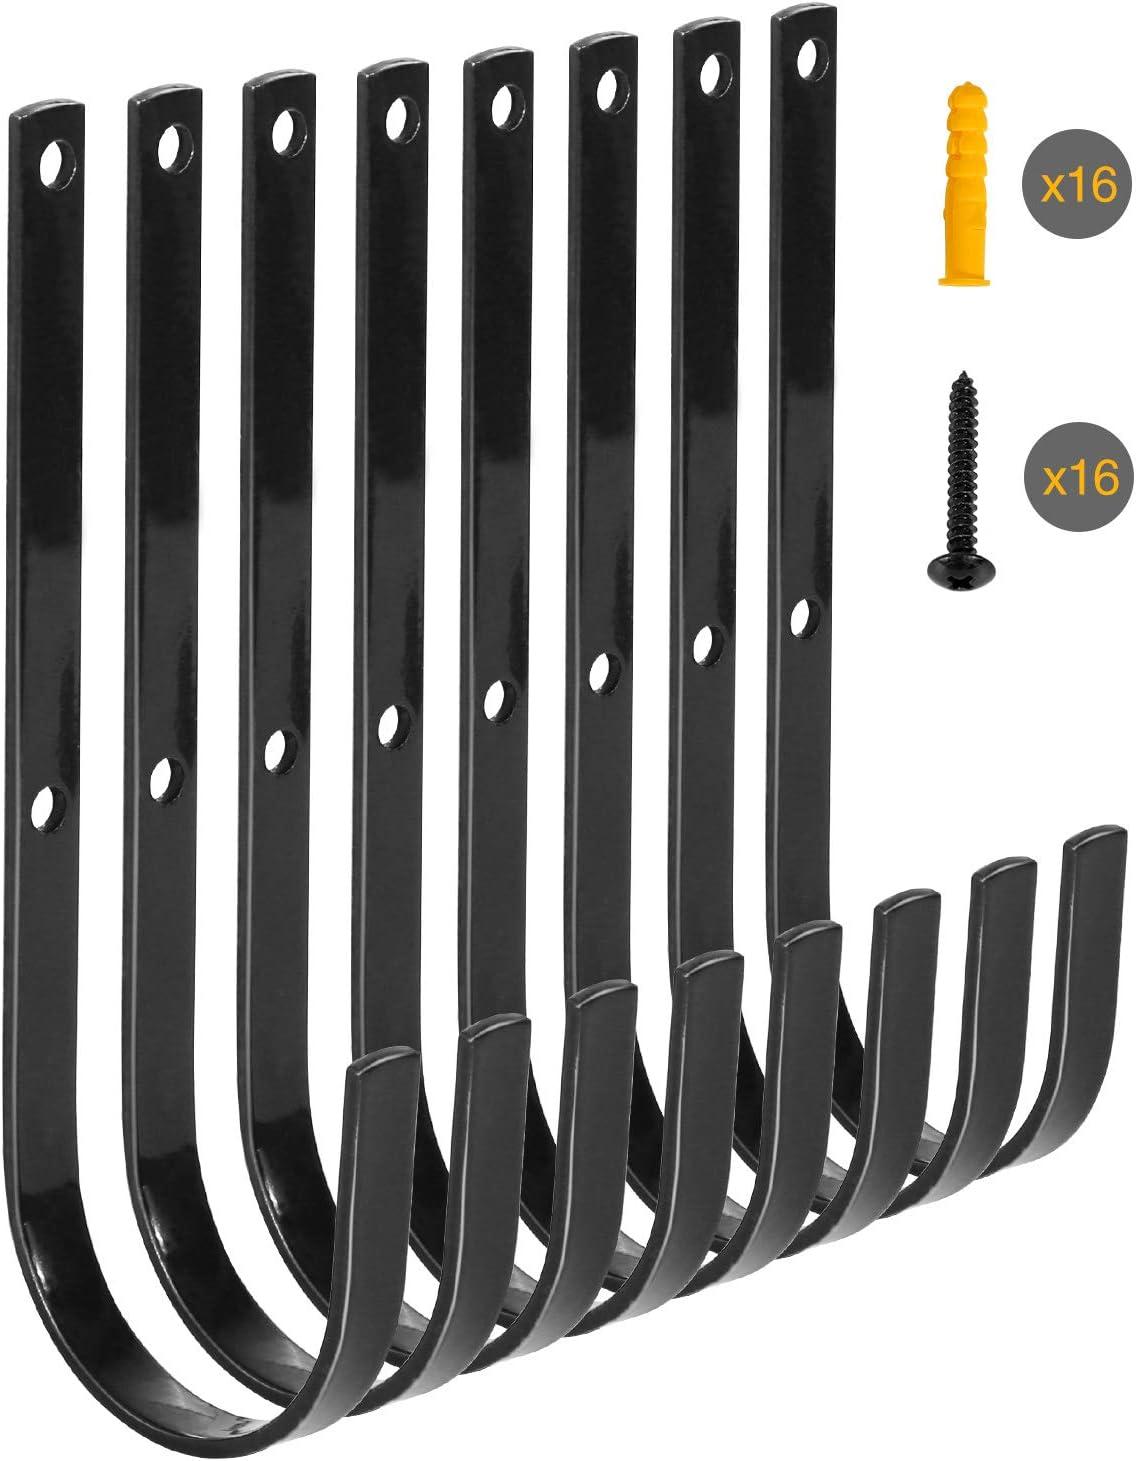 Redcamp Black Iron Heavy Free shipping Duty Storage Utility Set of Lar 8 Hooks Sale item